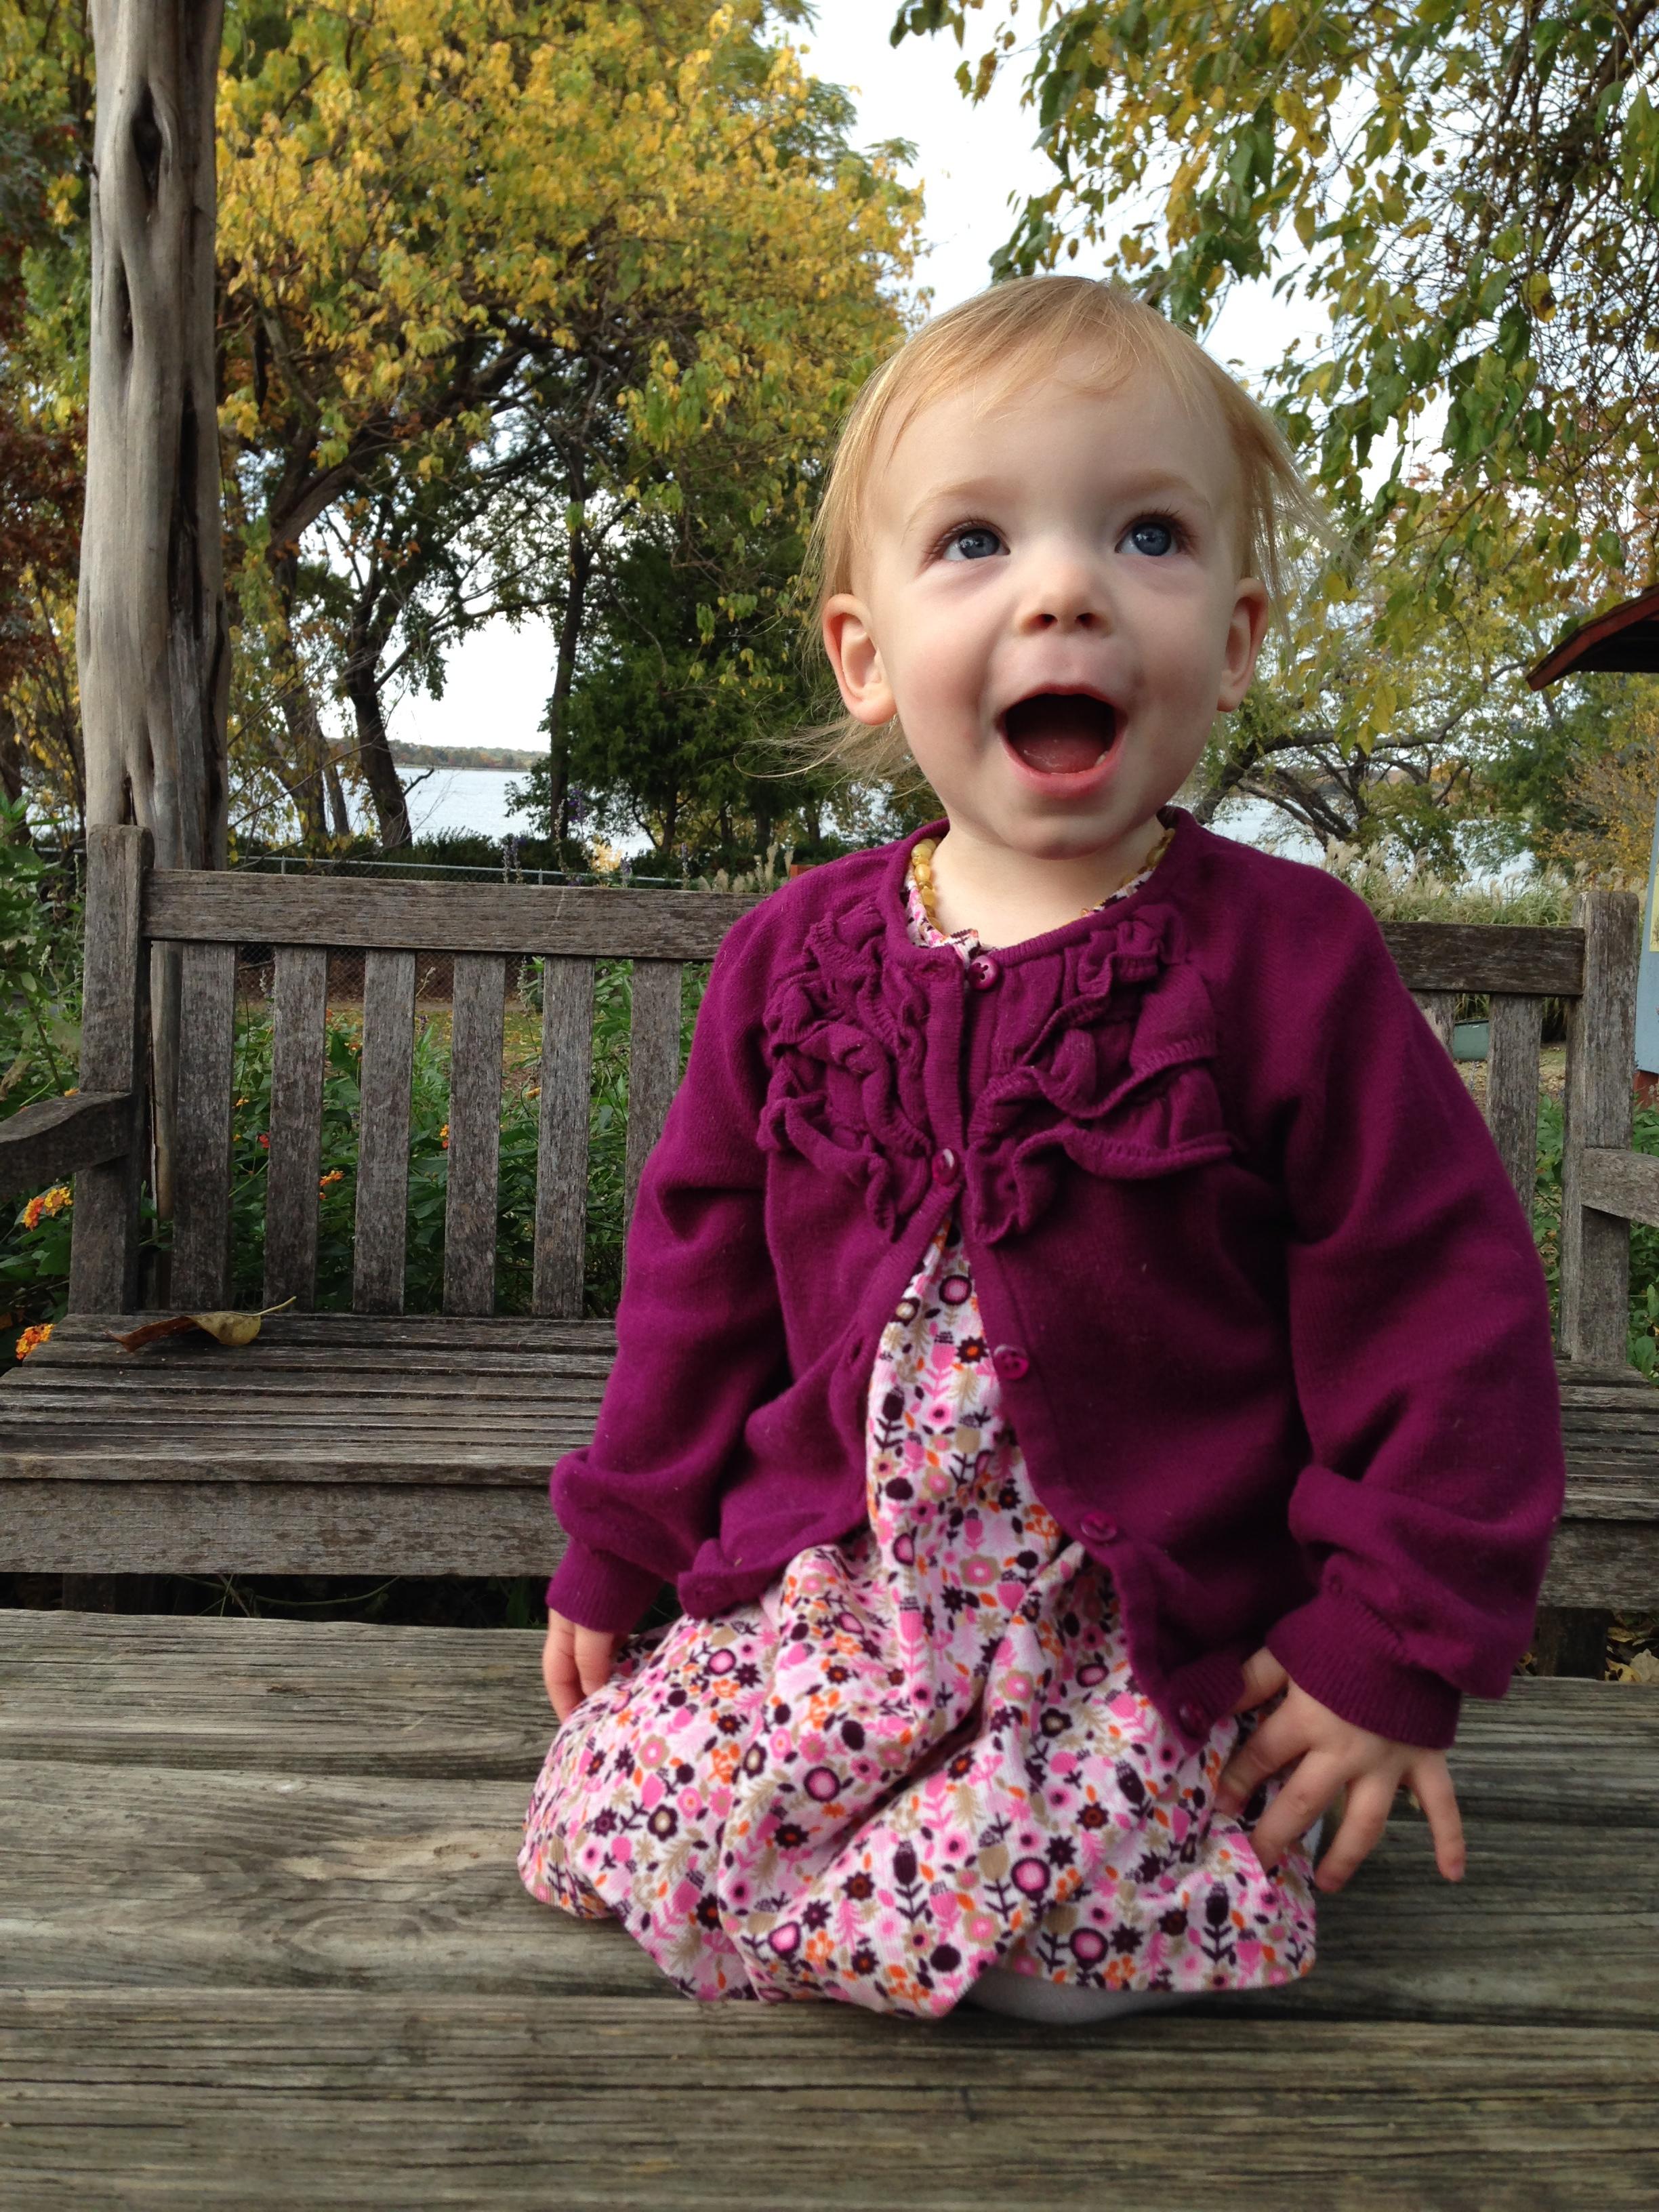 Dallas Arboretum - November 2013